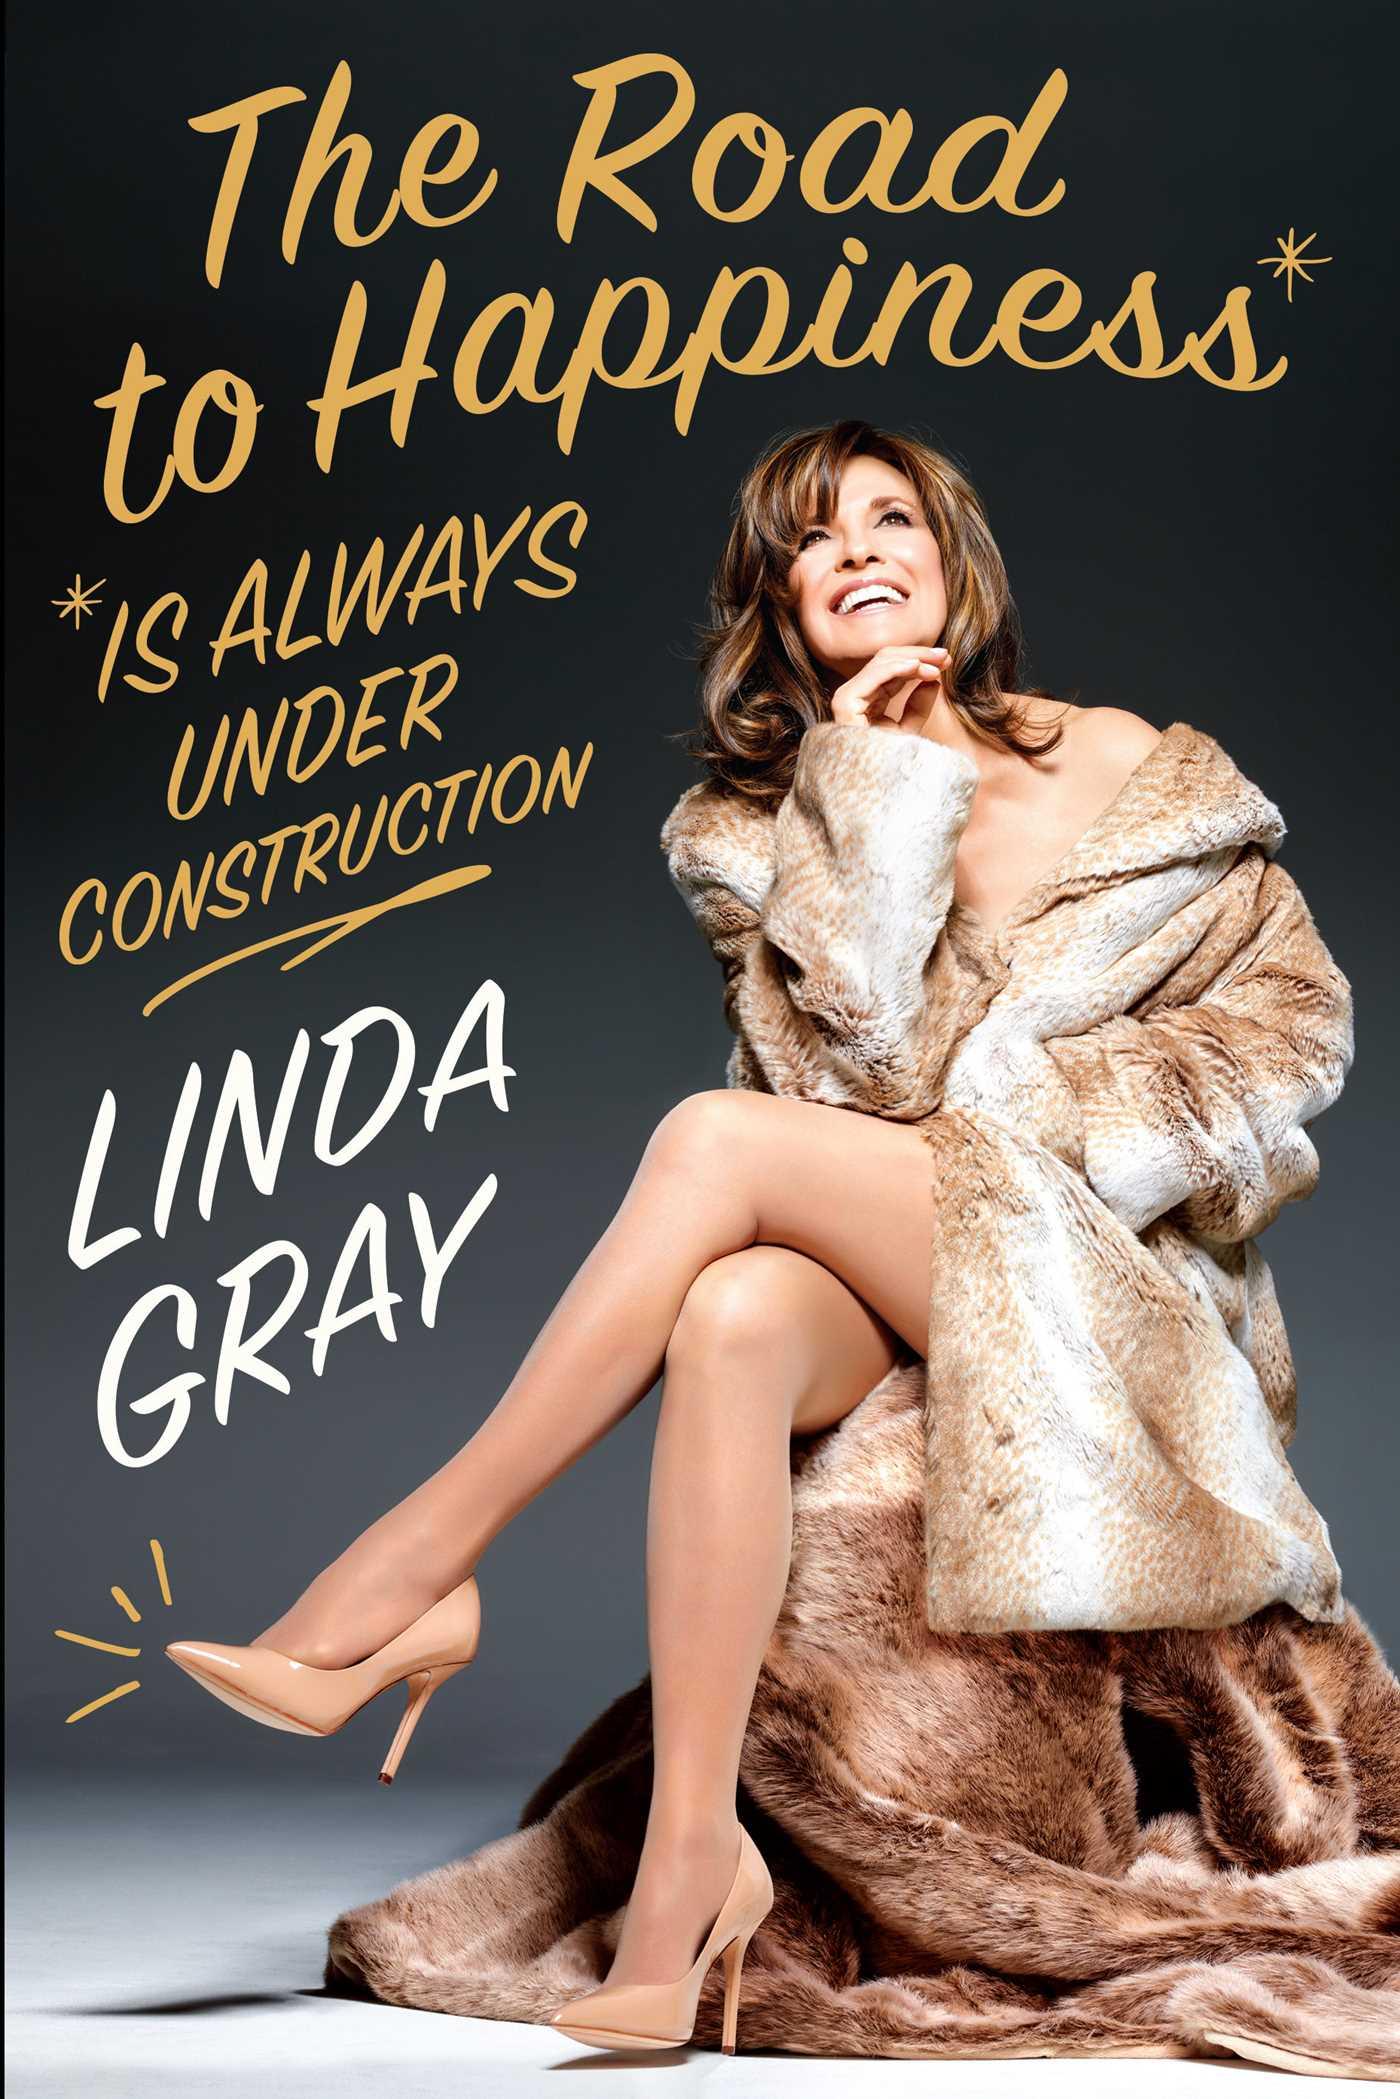 Linda Gray For mobile